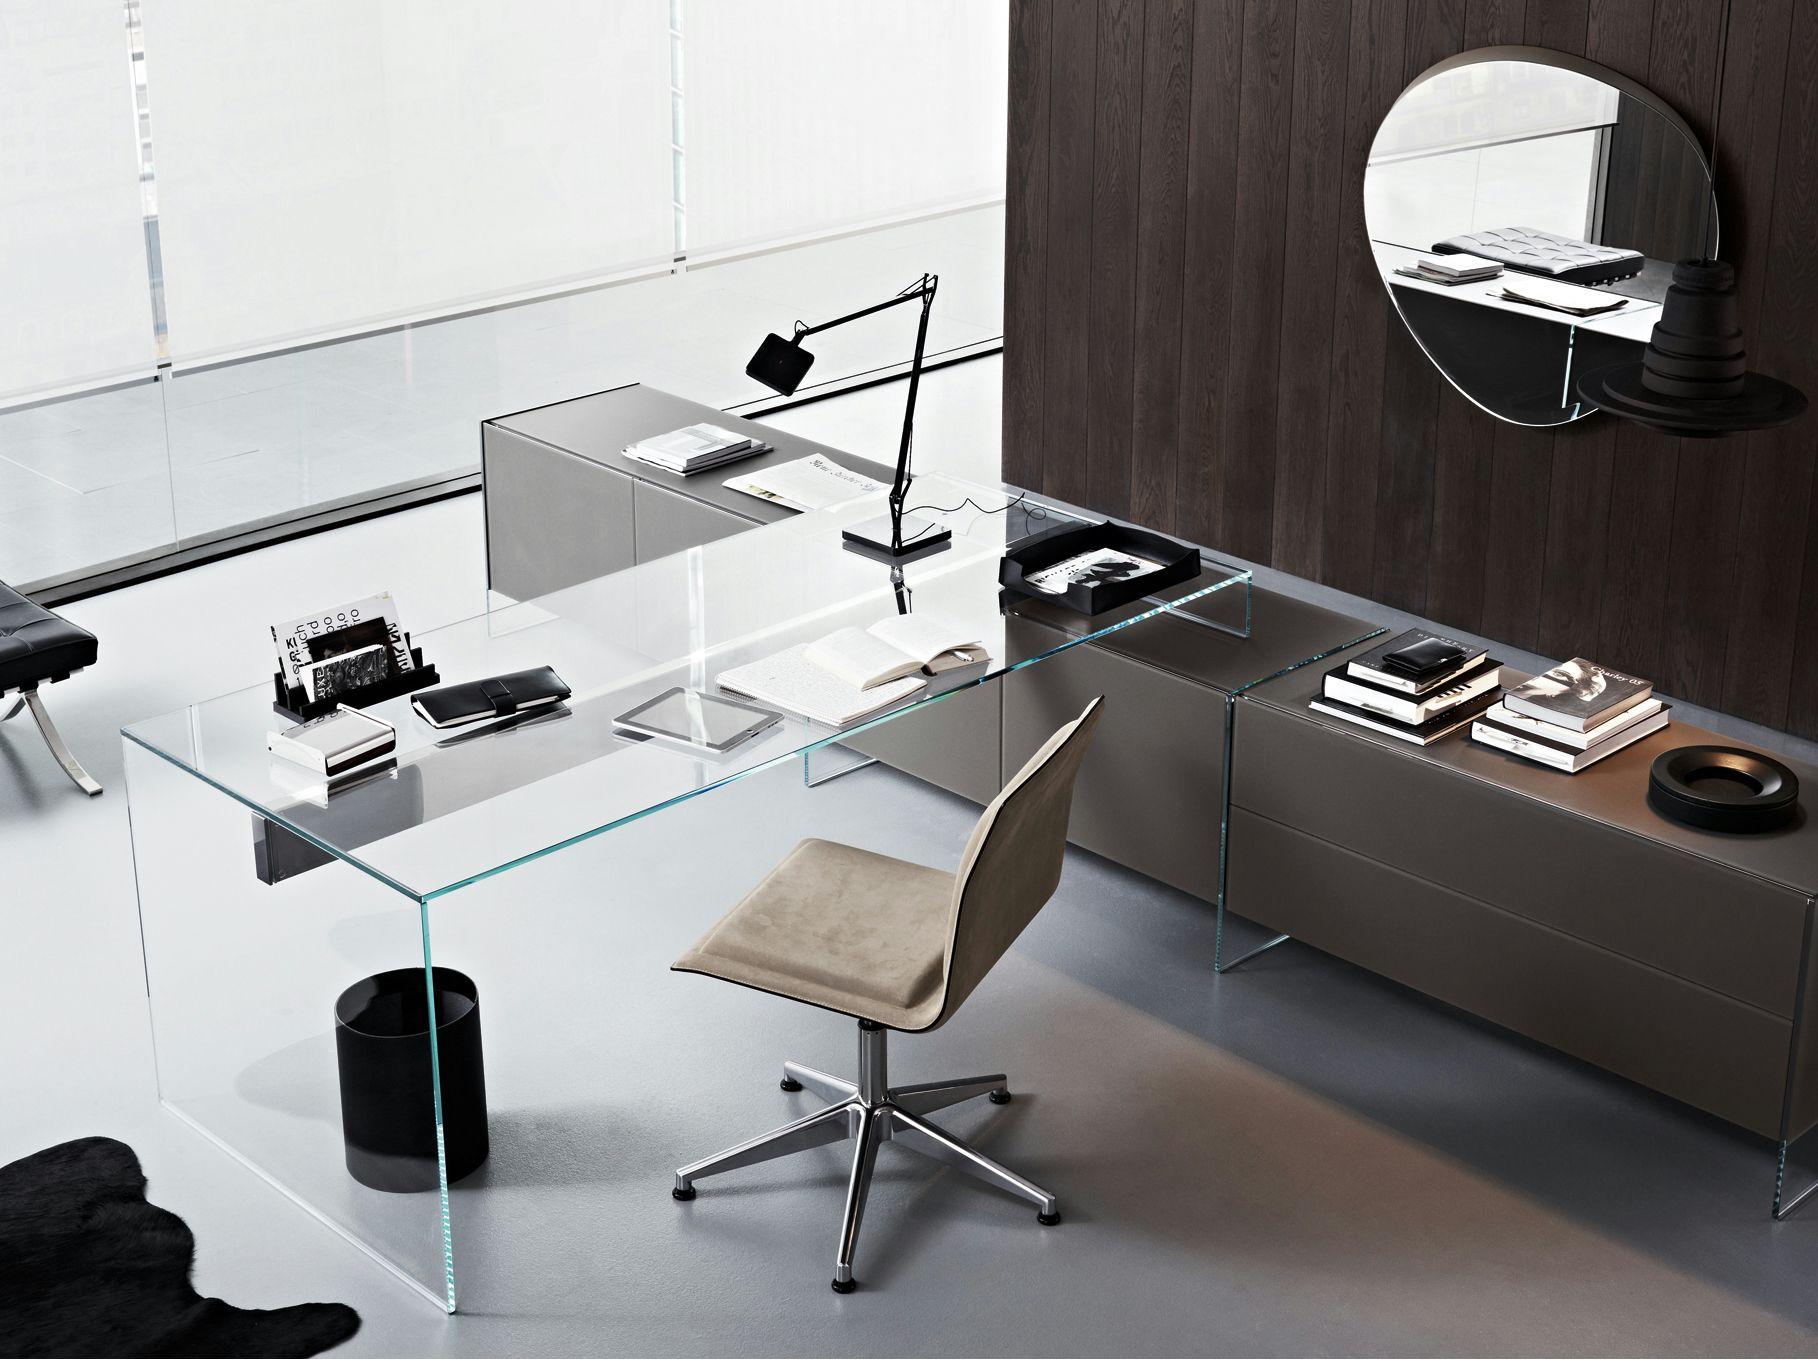 Scrivania in cristallo air desk 1 by gallotti&radice design ...